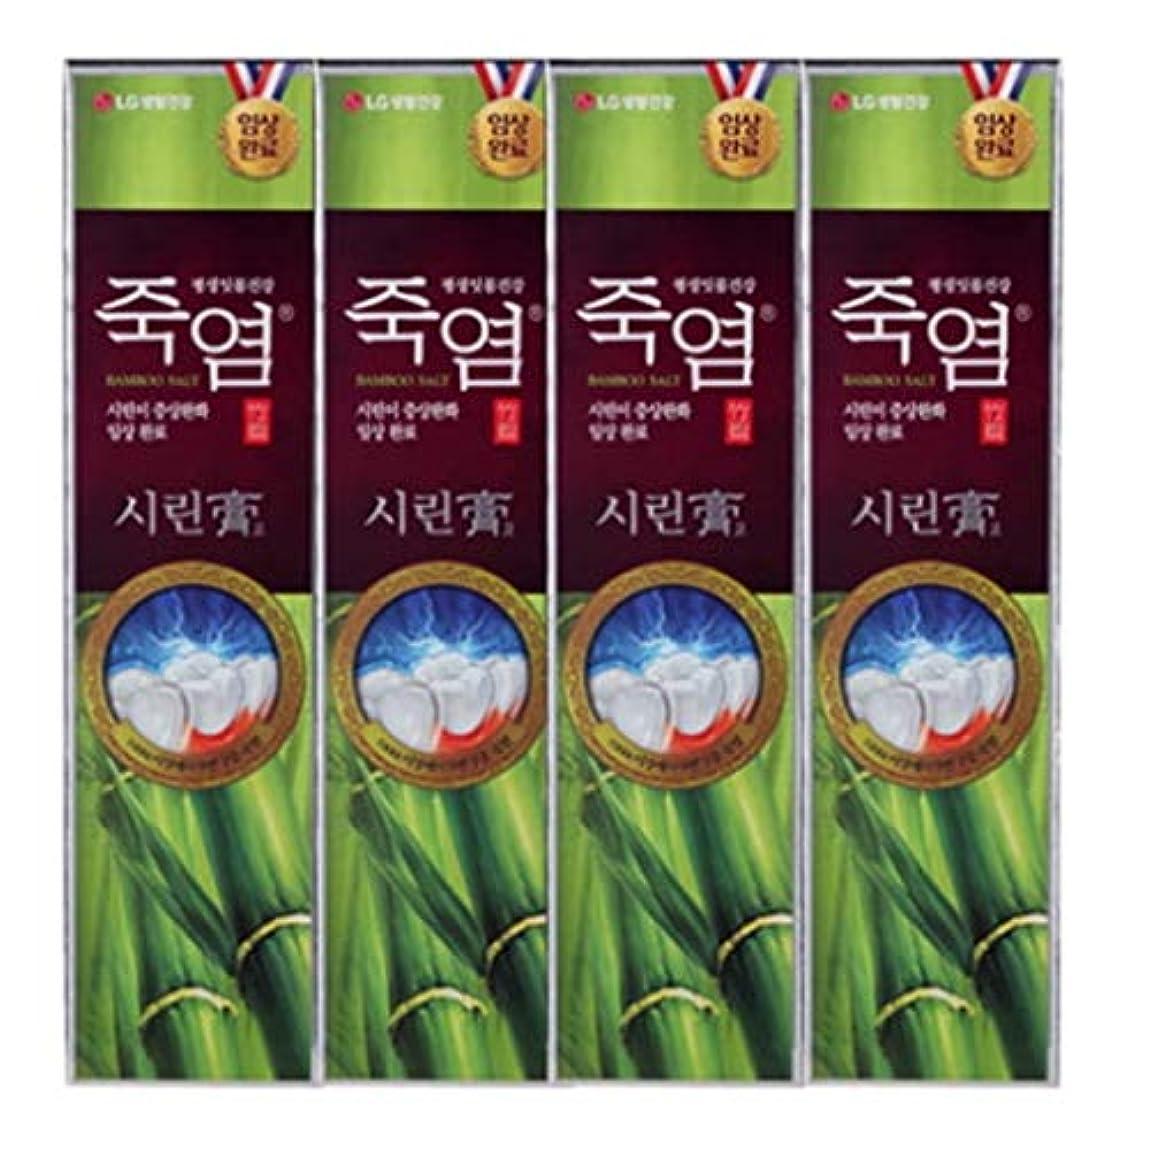 バラバラにする道不均一[LG Care/LG生活健康]竹塩歯磨き粉つぶれて歯茎を健康に120g x4ea/歯磨きセットスペシャル?リミテッドToothpaste Set Special Limited Korea(海外直送品)